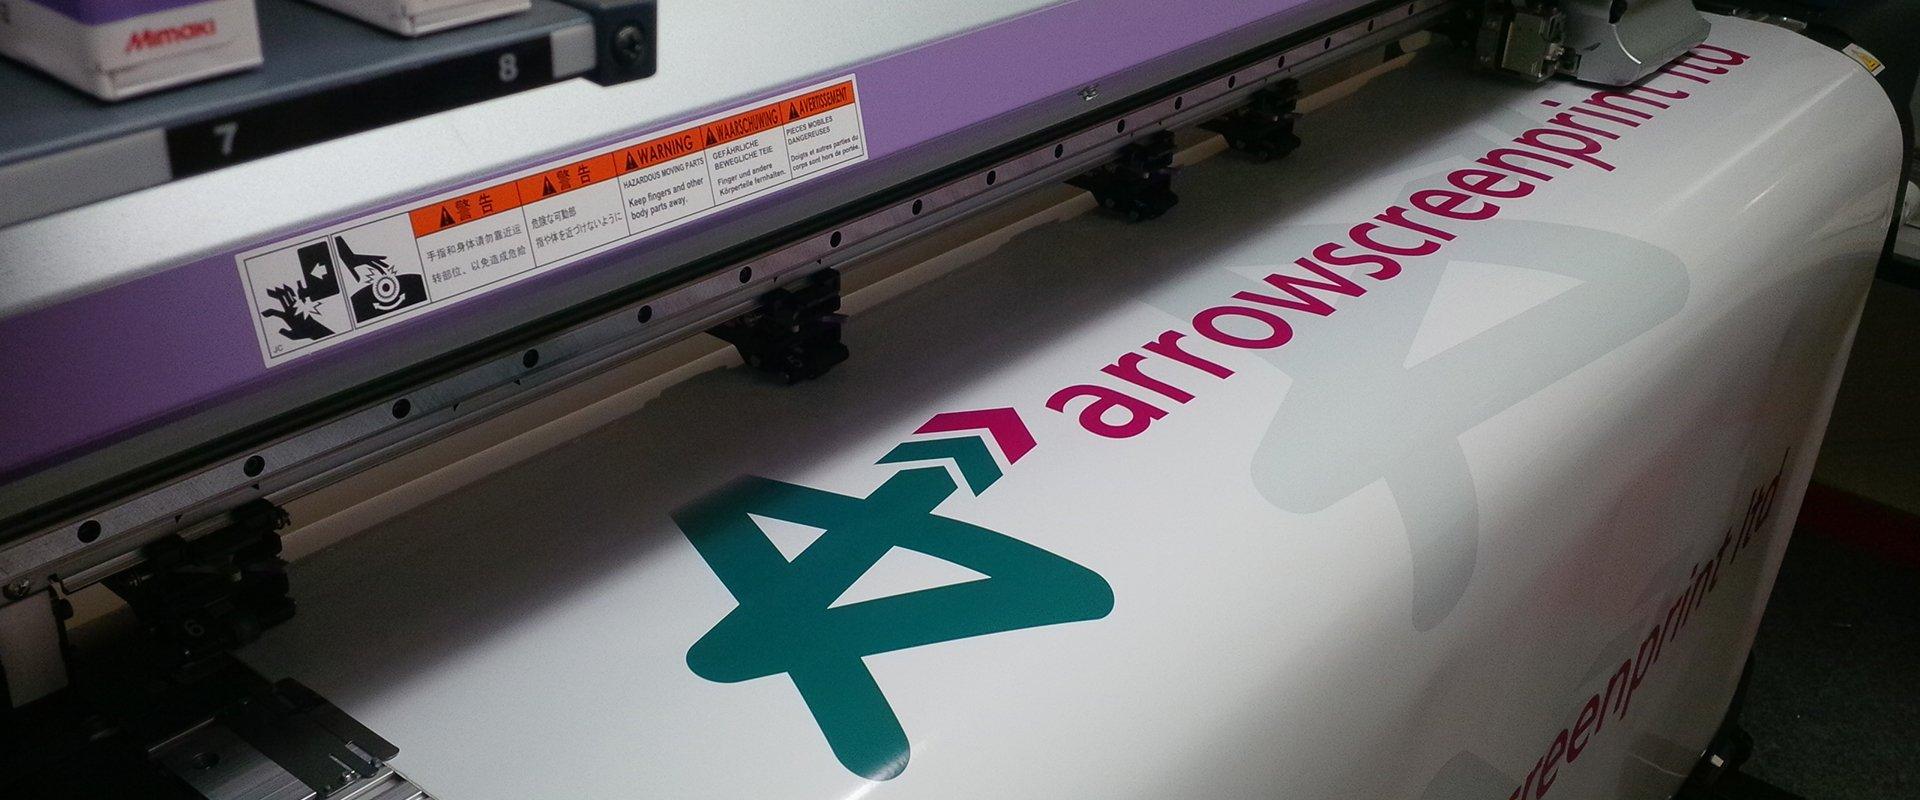 Arrow screen print ltd board